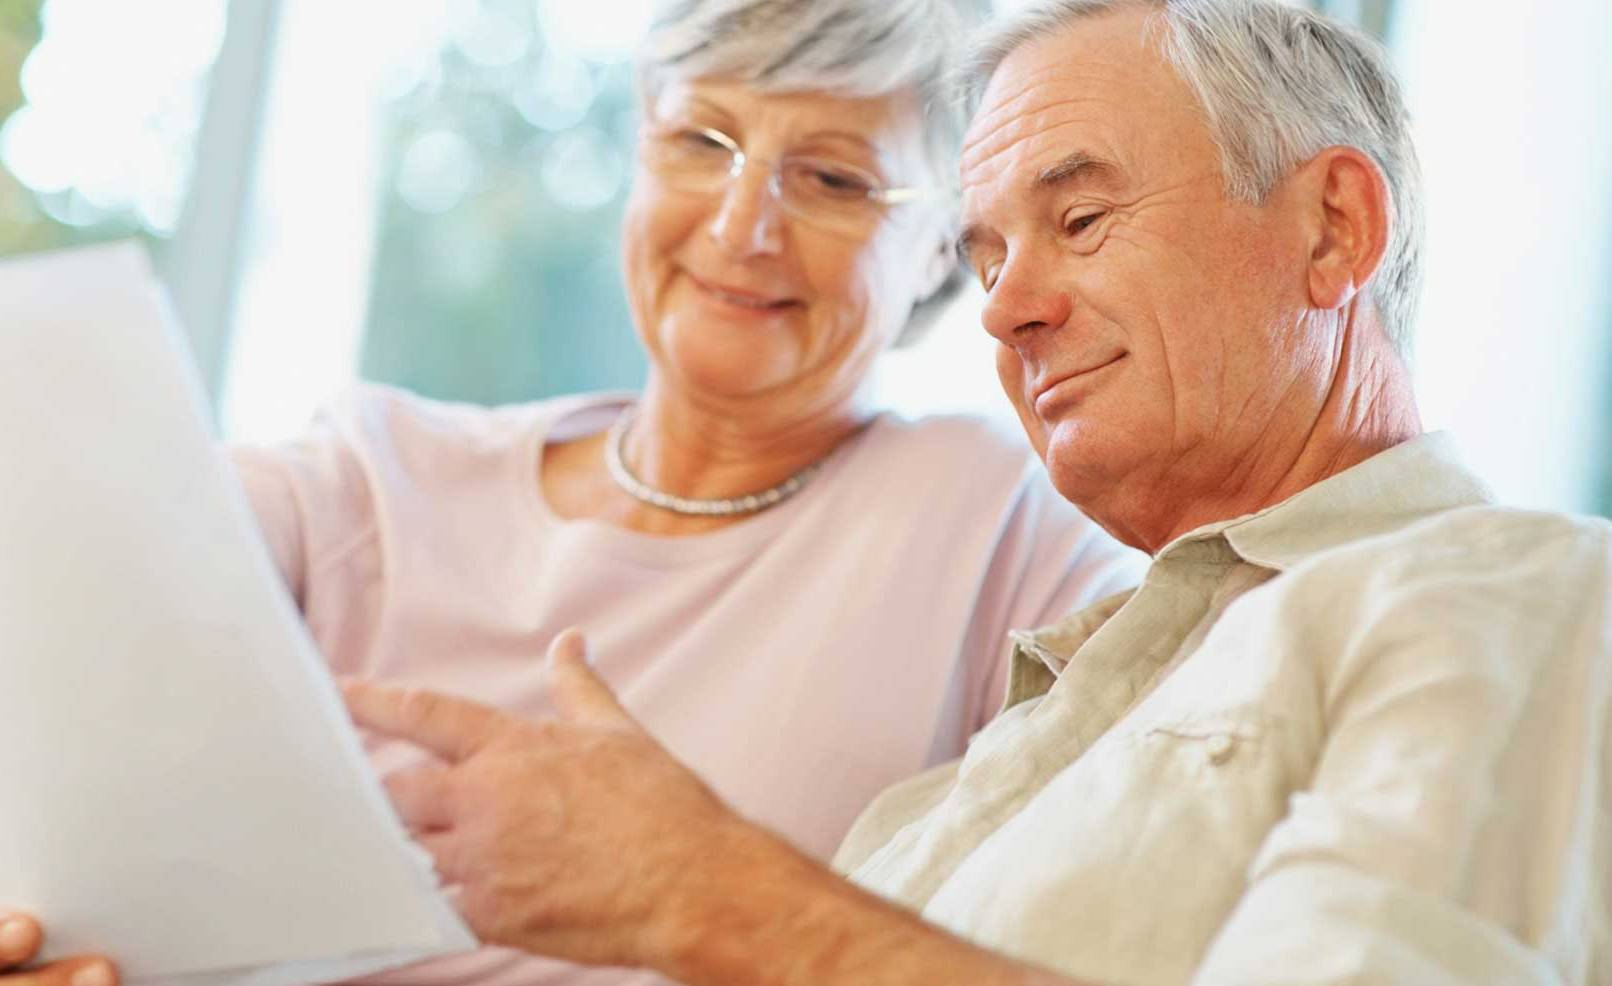 Вклады для пенсионеров оформляются с высокими ставками